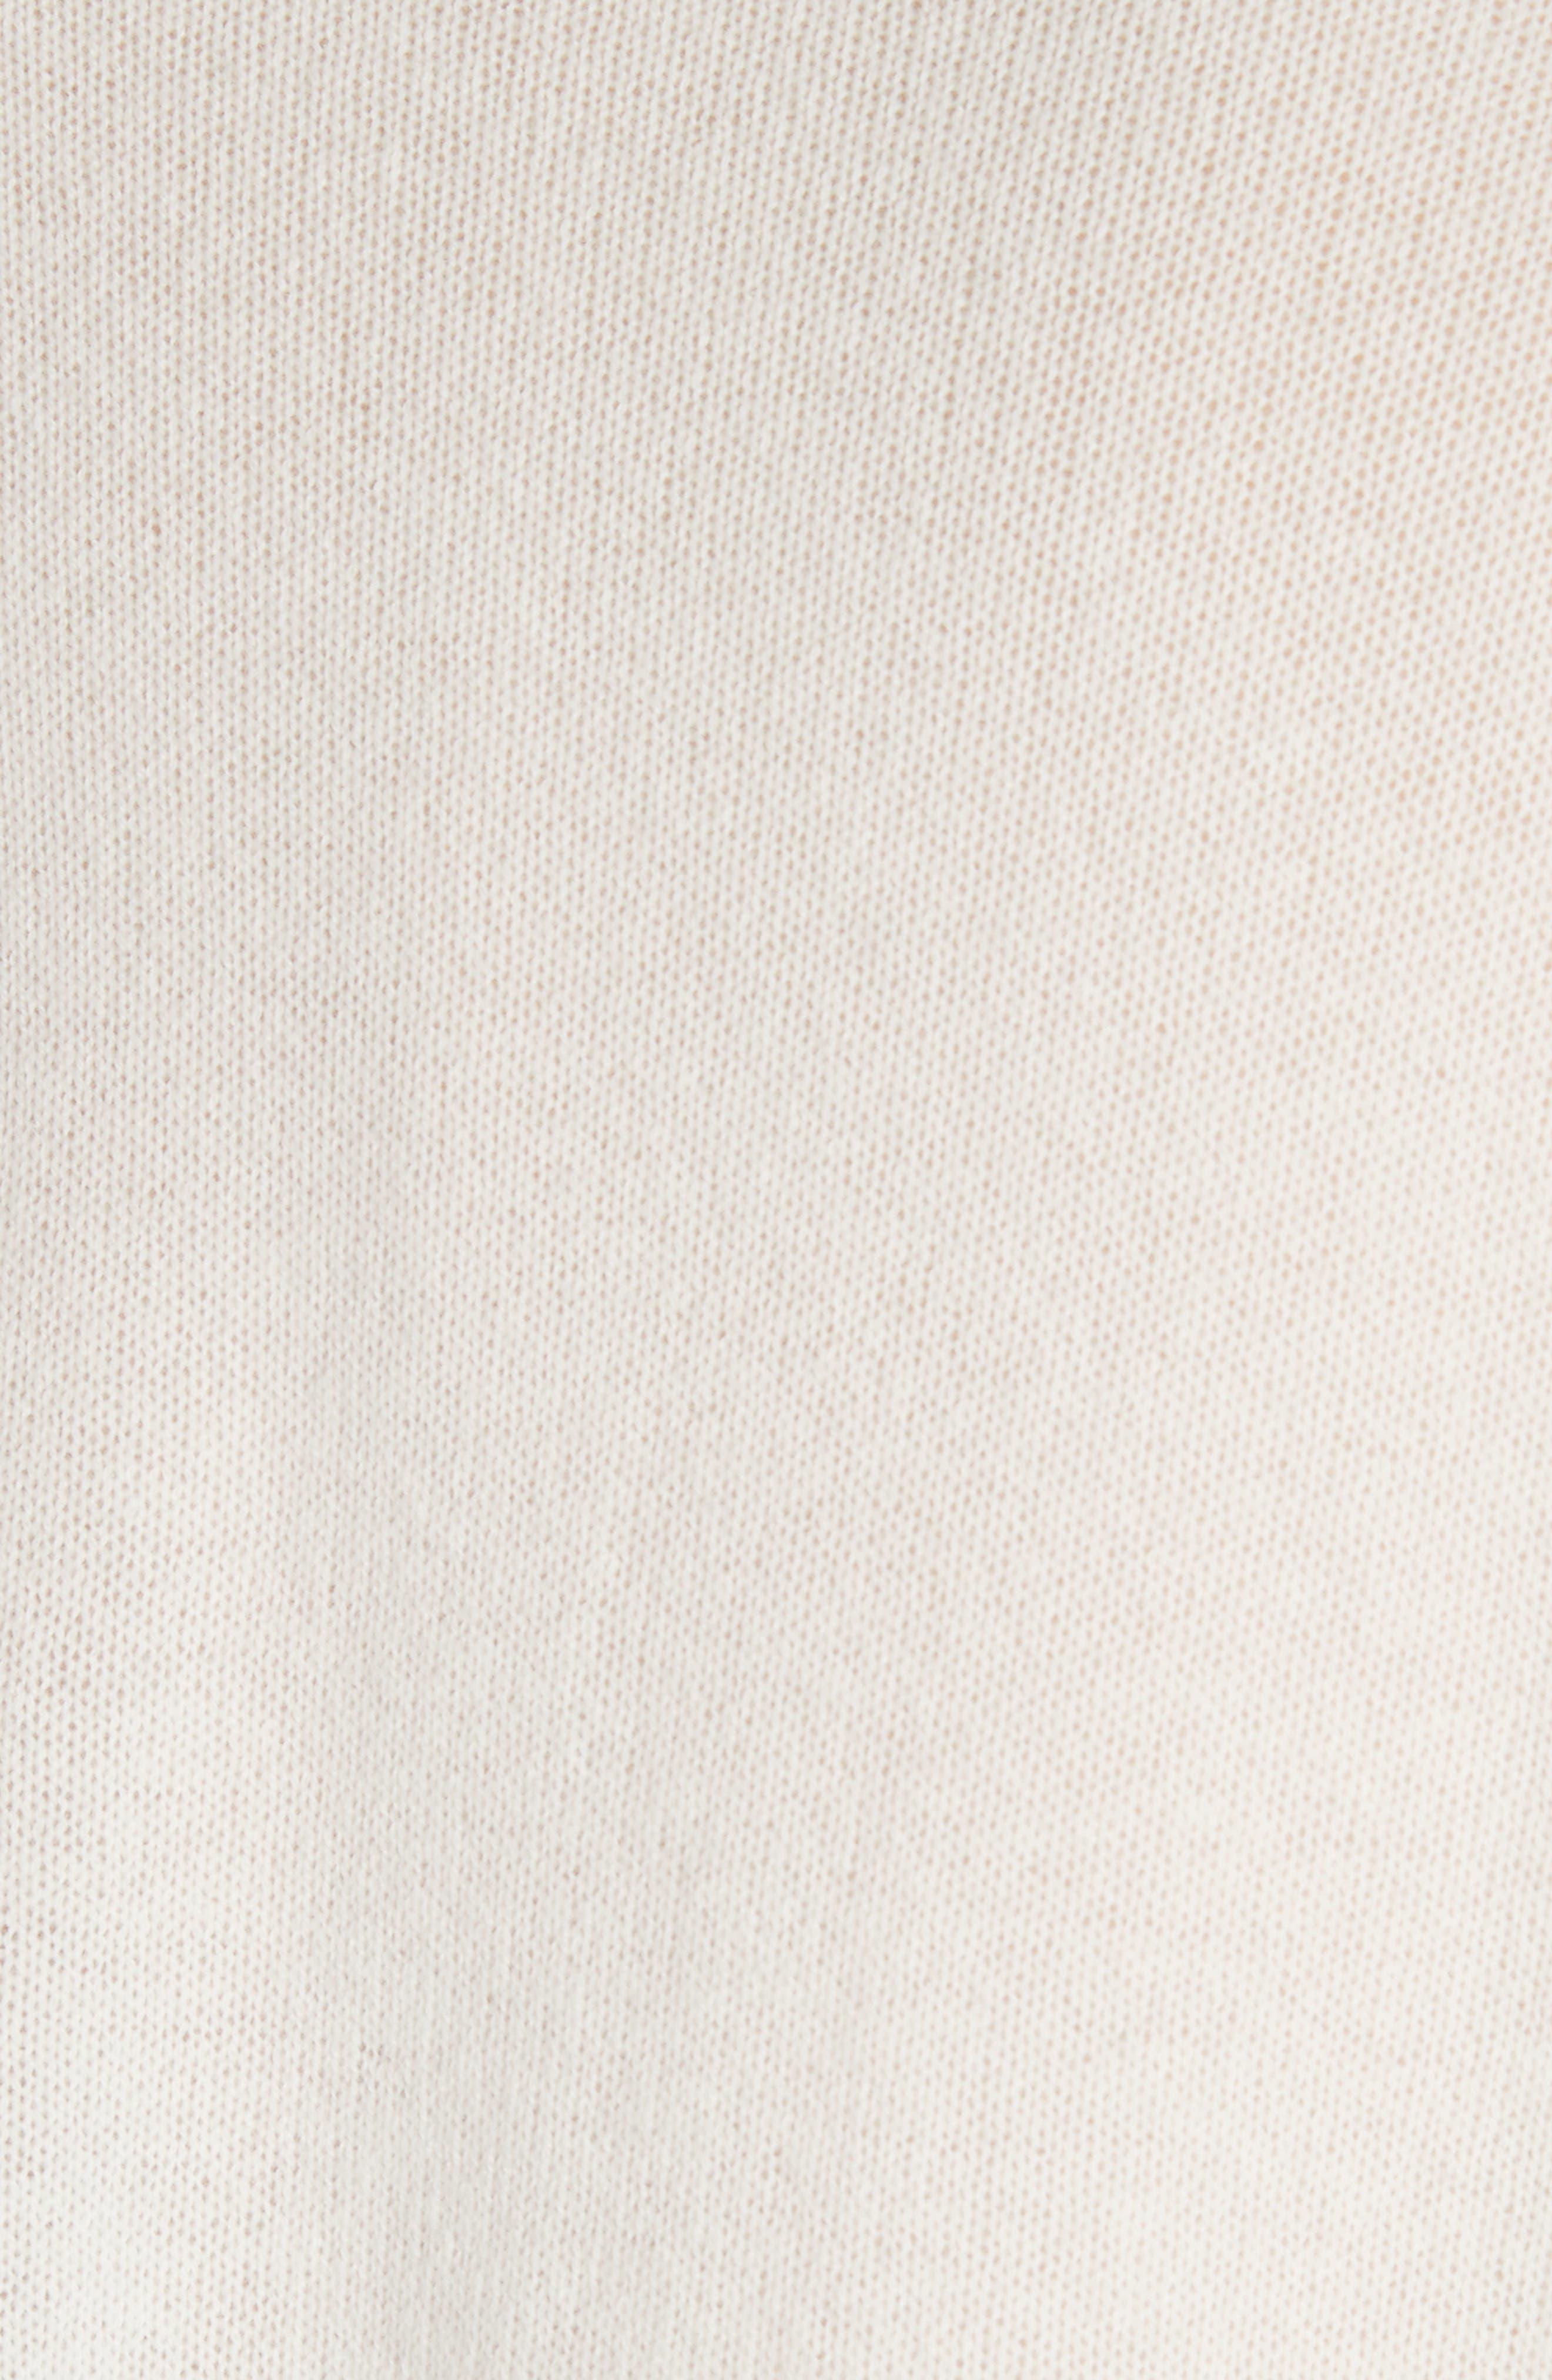 Karenia L Cashmere Sweater,                             Alternate thumbnail 5, color,                             Ivory